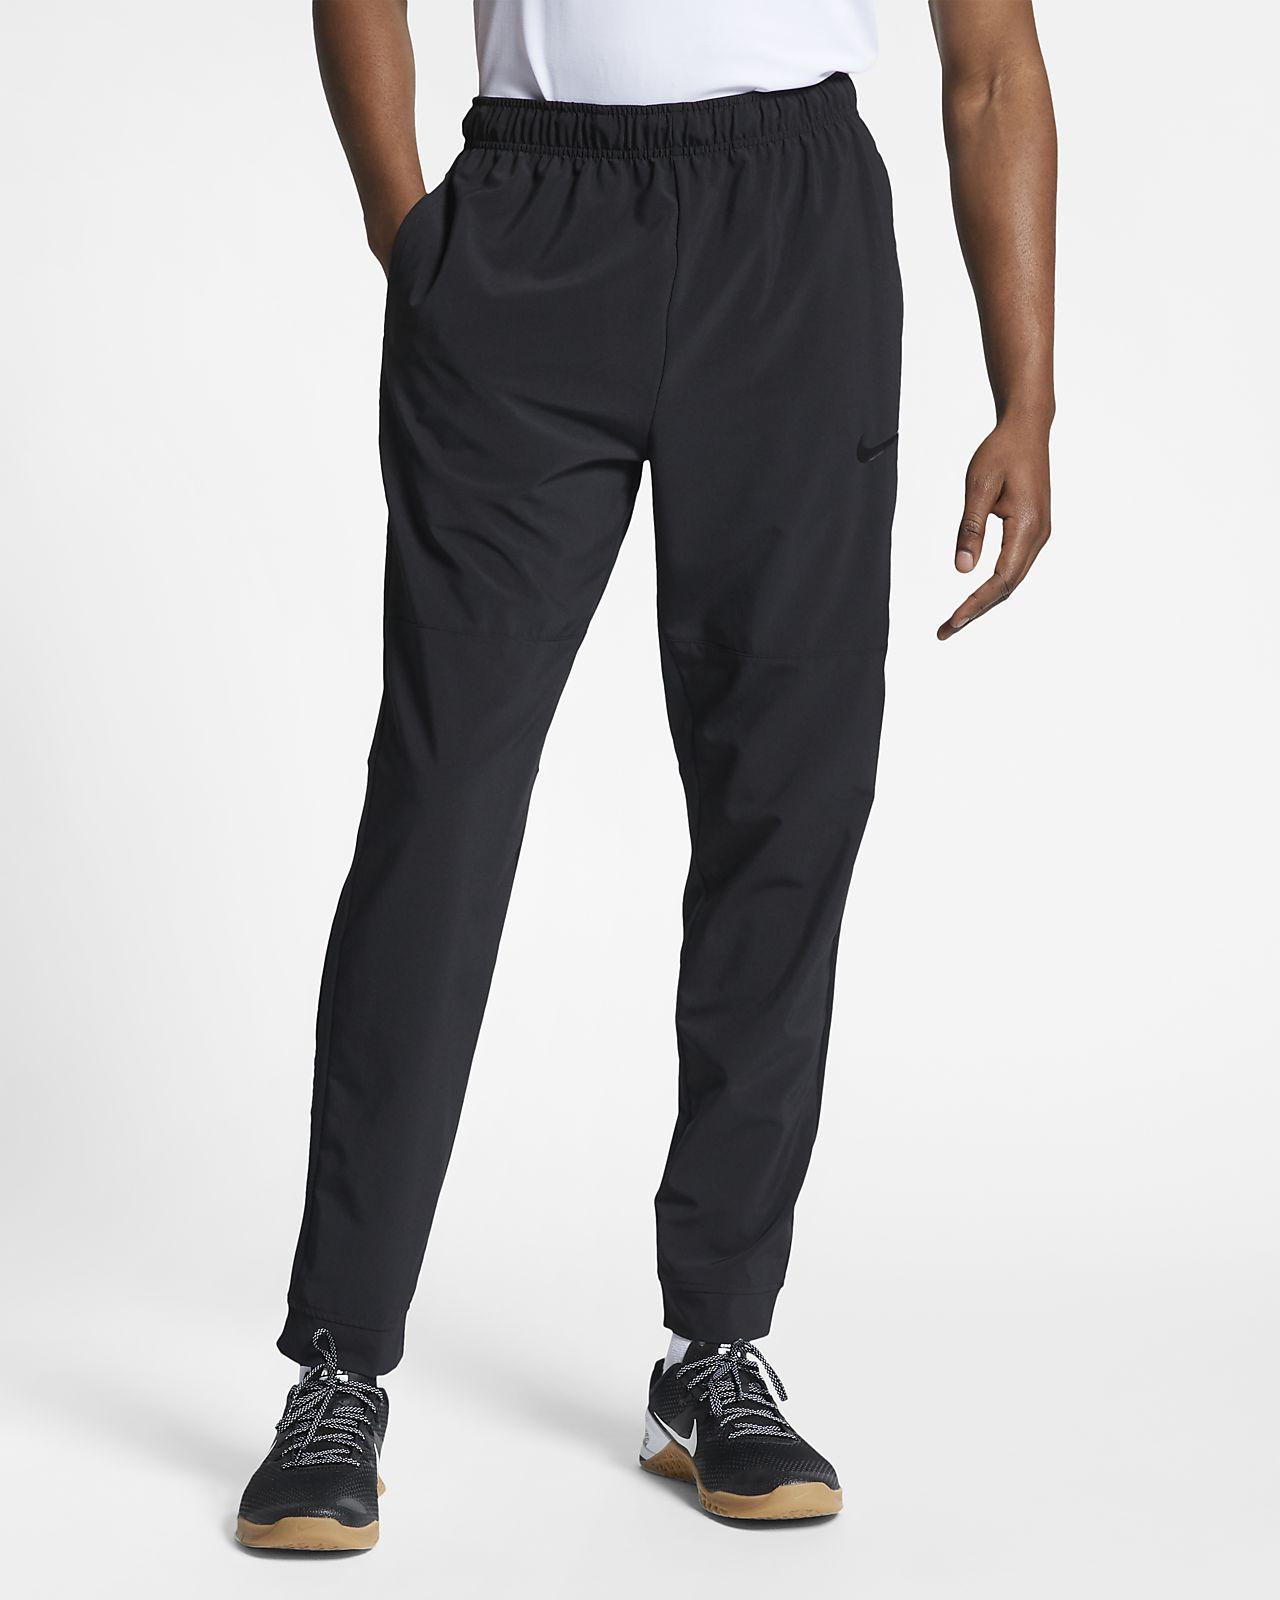 Nike Dri-FIT Pantalón de entrenamiento - Hombre